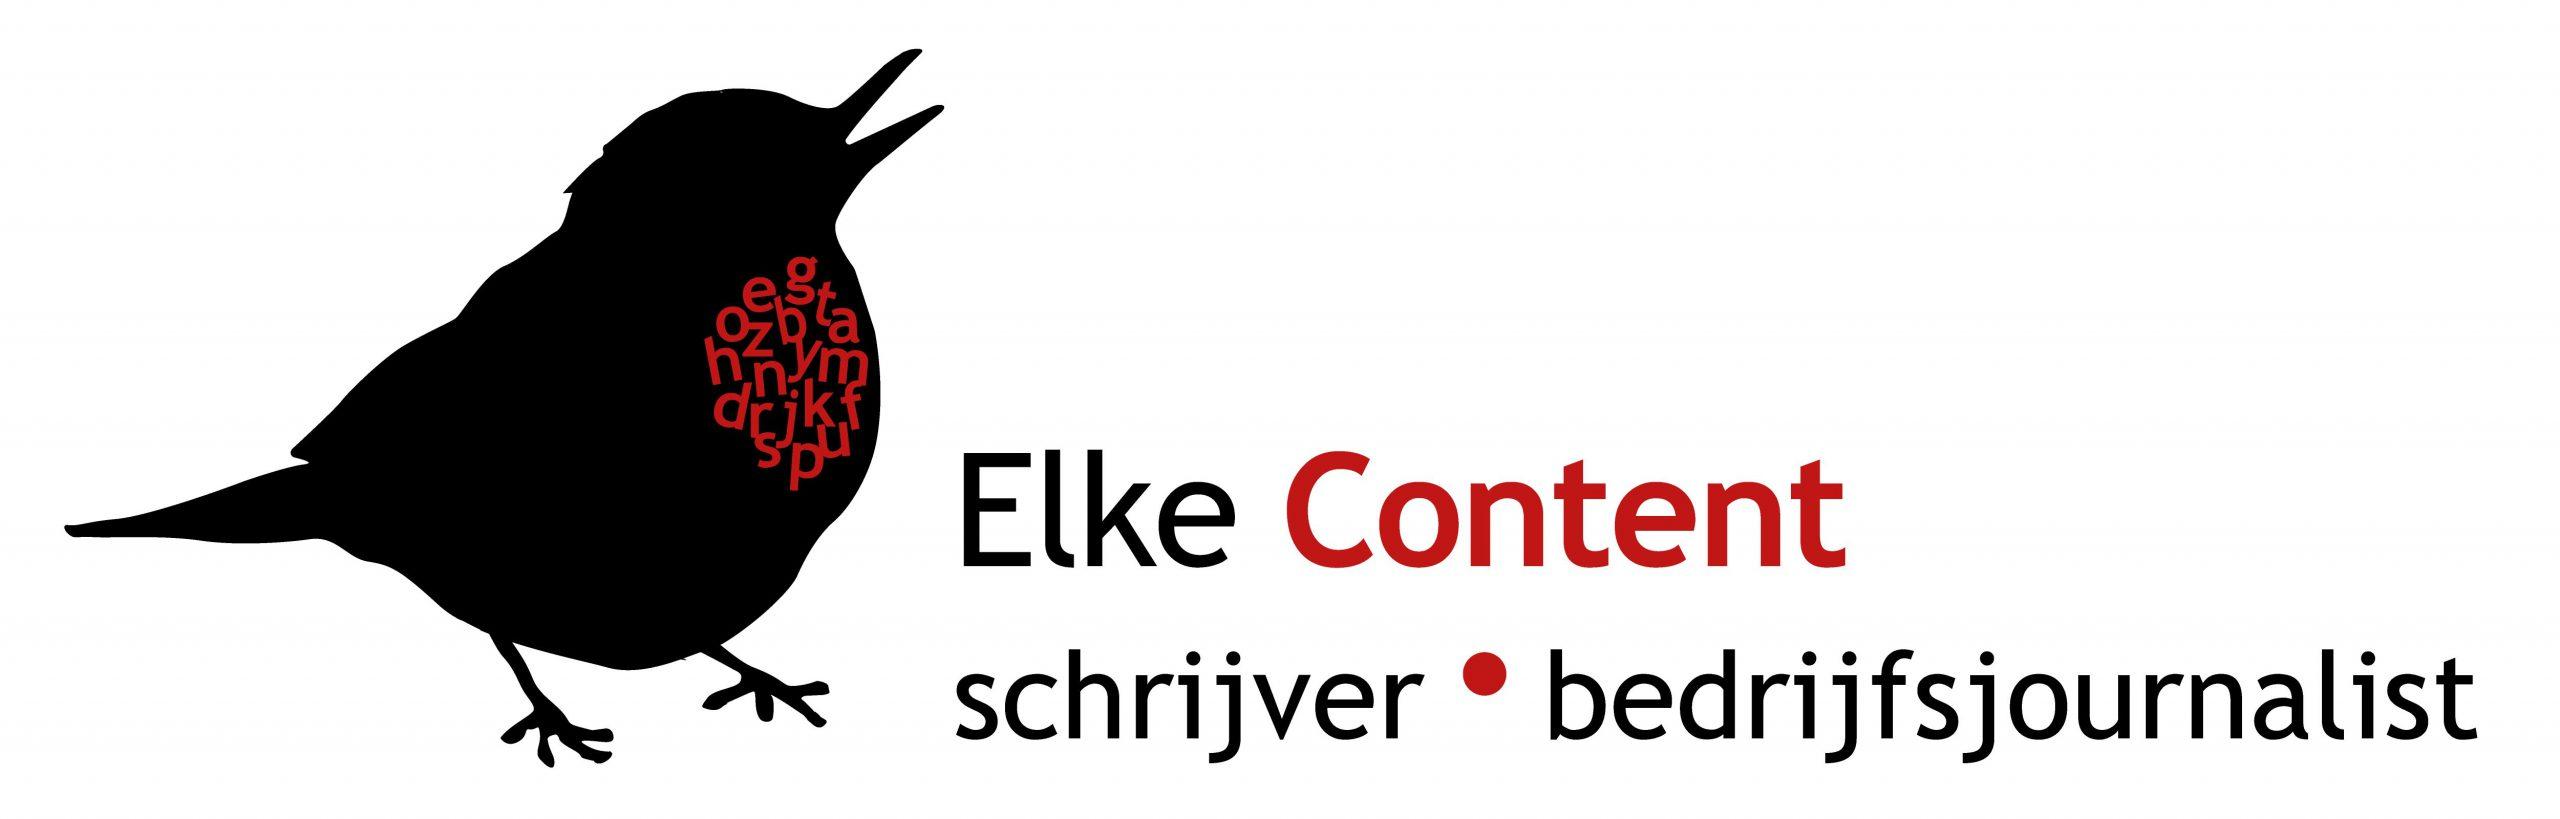 ElkeContent.nl